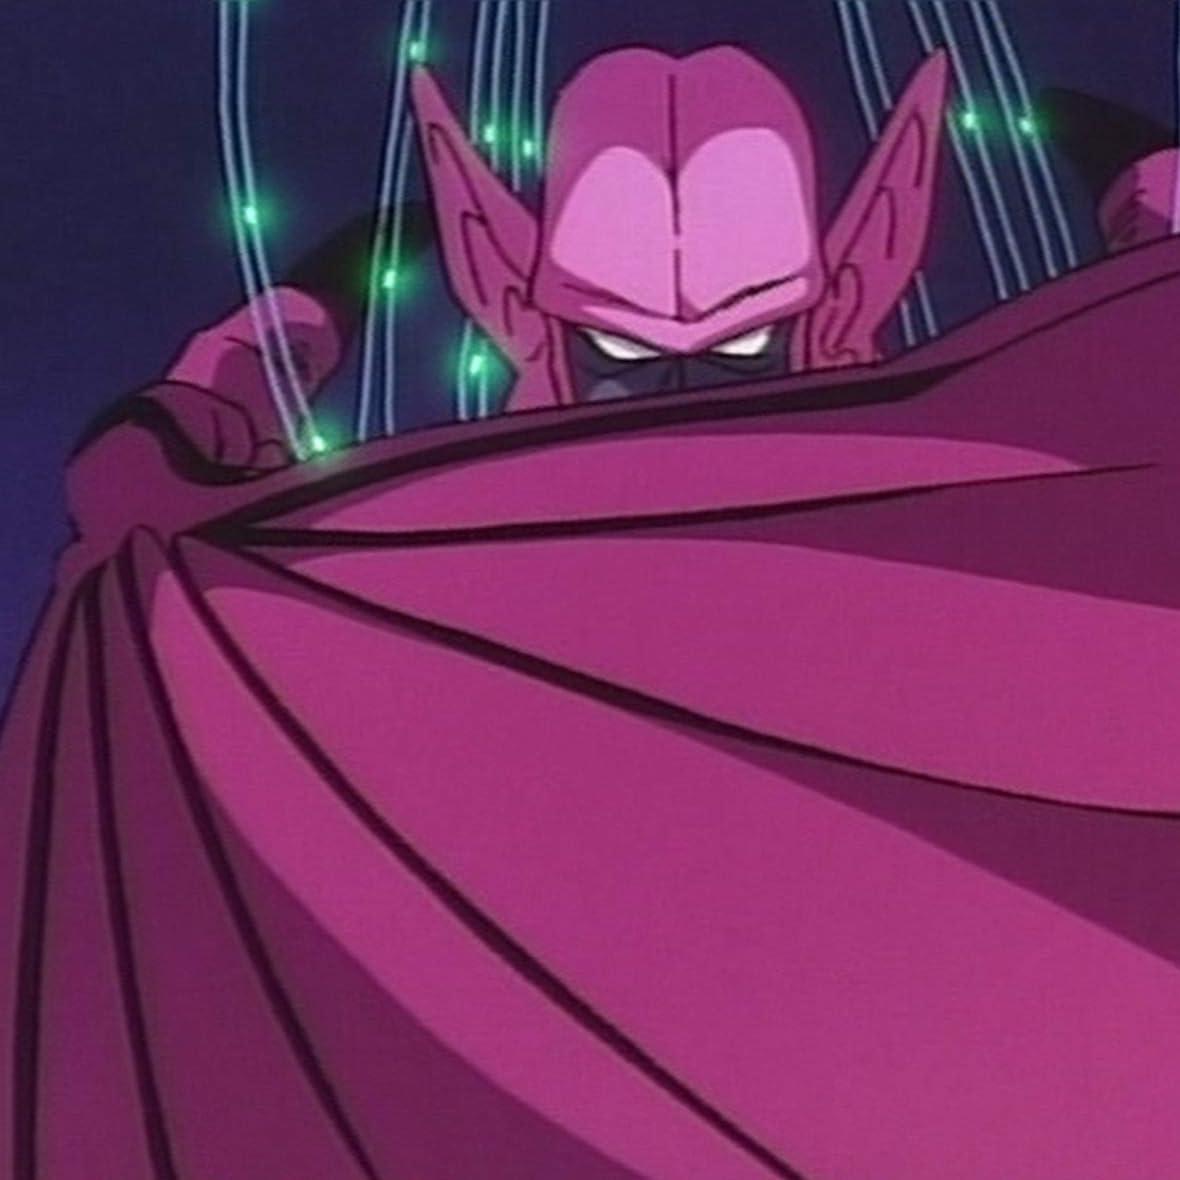 ドラゴンクエスト Ipad壁紙 勇者アベル伝説 魔王バラモス その他 スマホ用画像